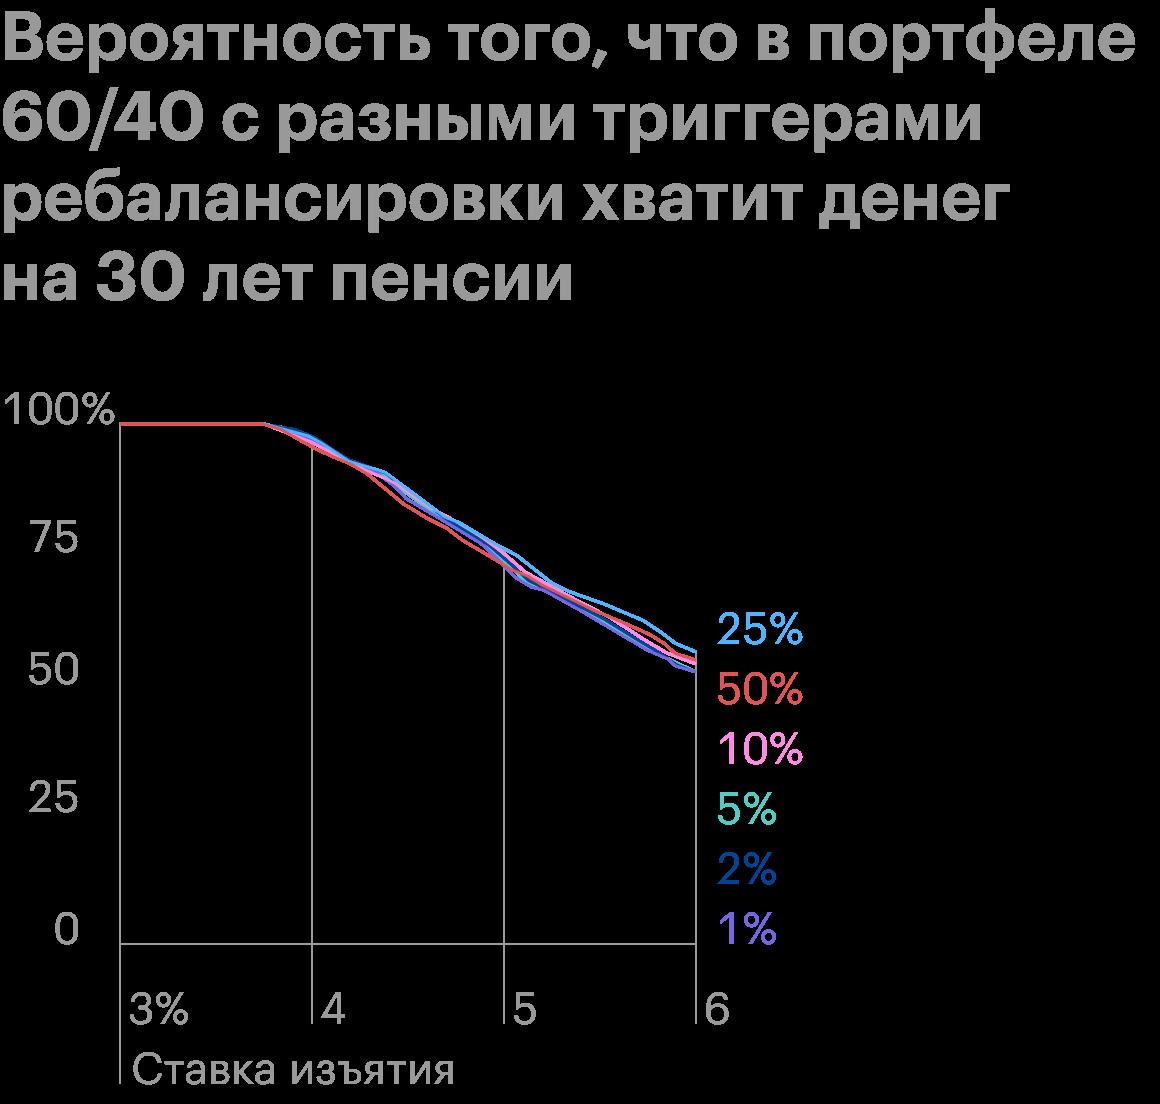 Разница с вариантами ребалансировок незначительная, но вариант с триггером25% выглядит лучше остальных. Источник: ThePoor Swiss